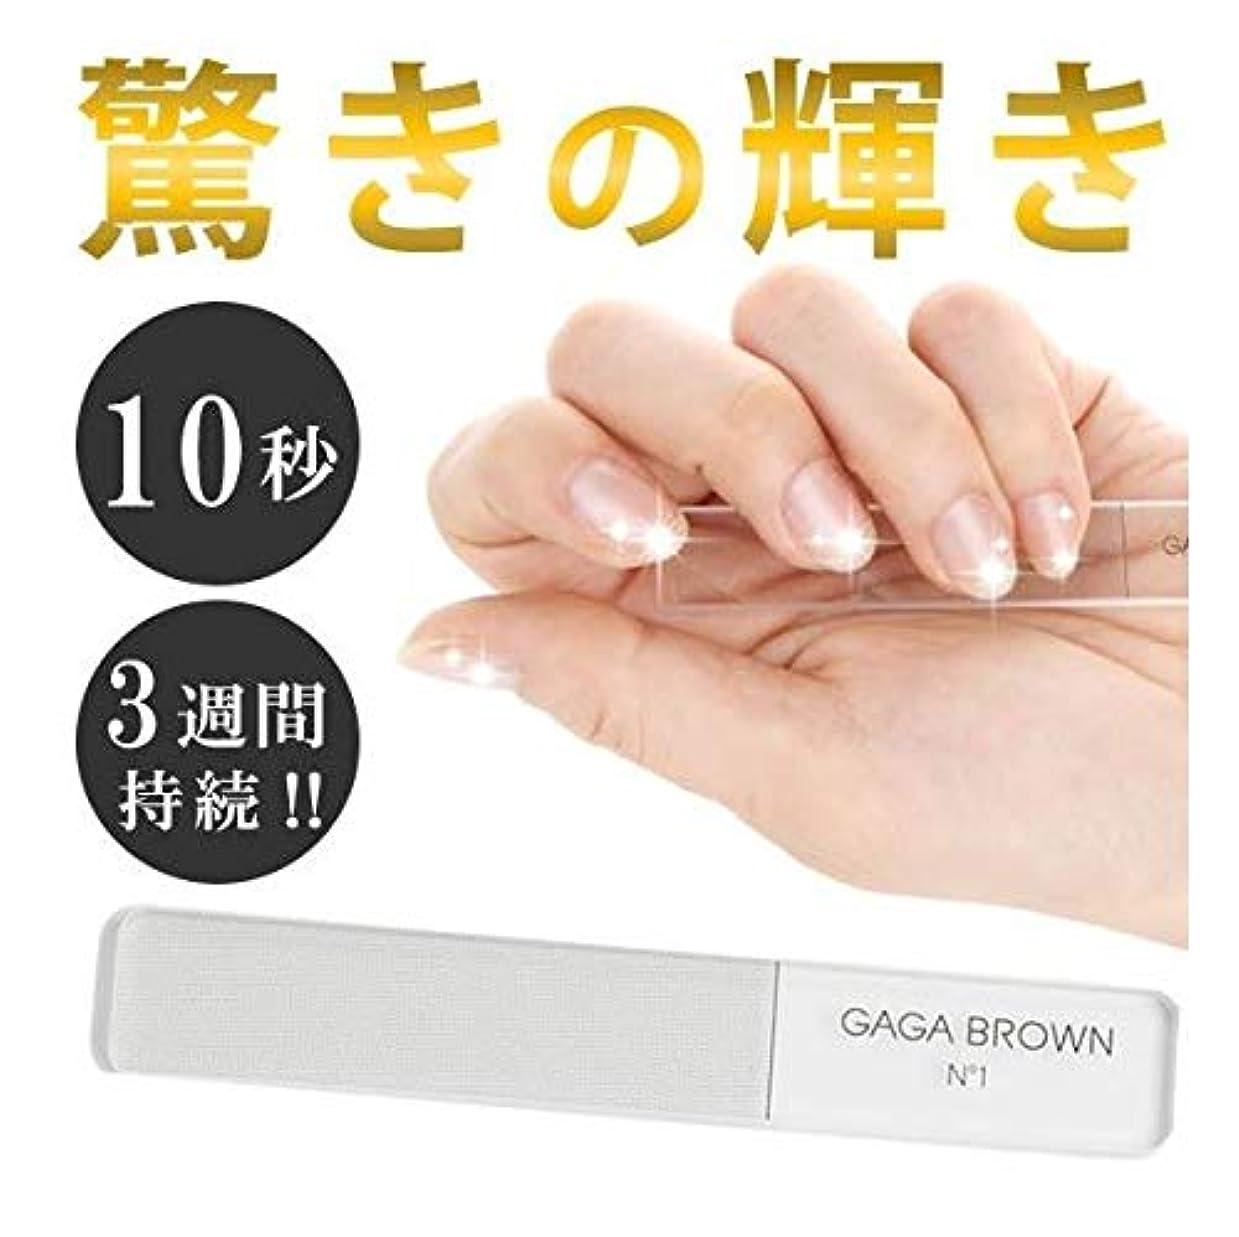 ガチョウ変える可塑性GAGABROWN N1 NAIL SHINER(ガガブラウン ネイルシャイナー) 爪磨き 爪みがき 爪やすり ガラス製 バッファー つめやすり